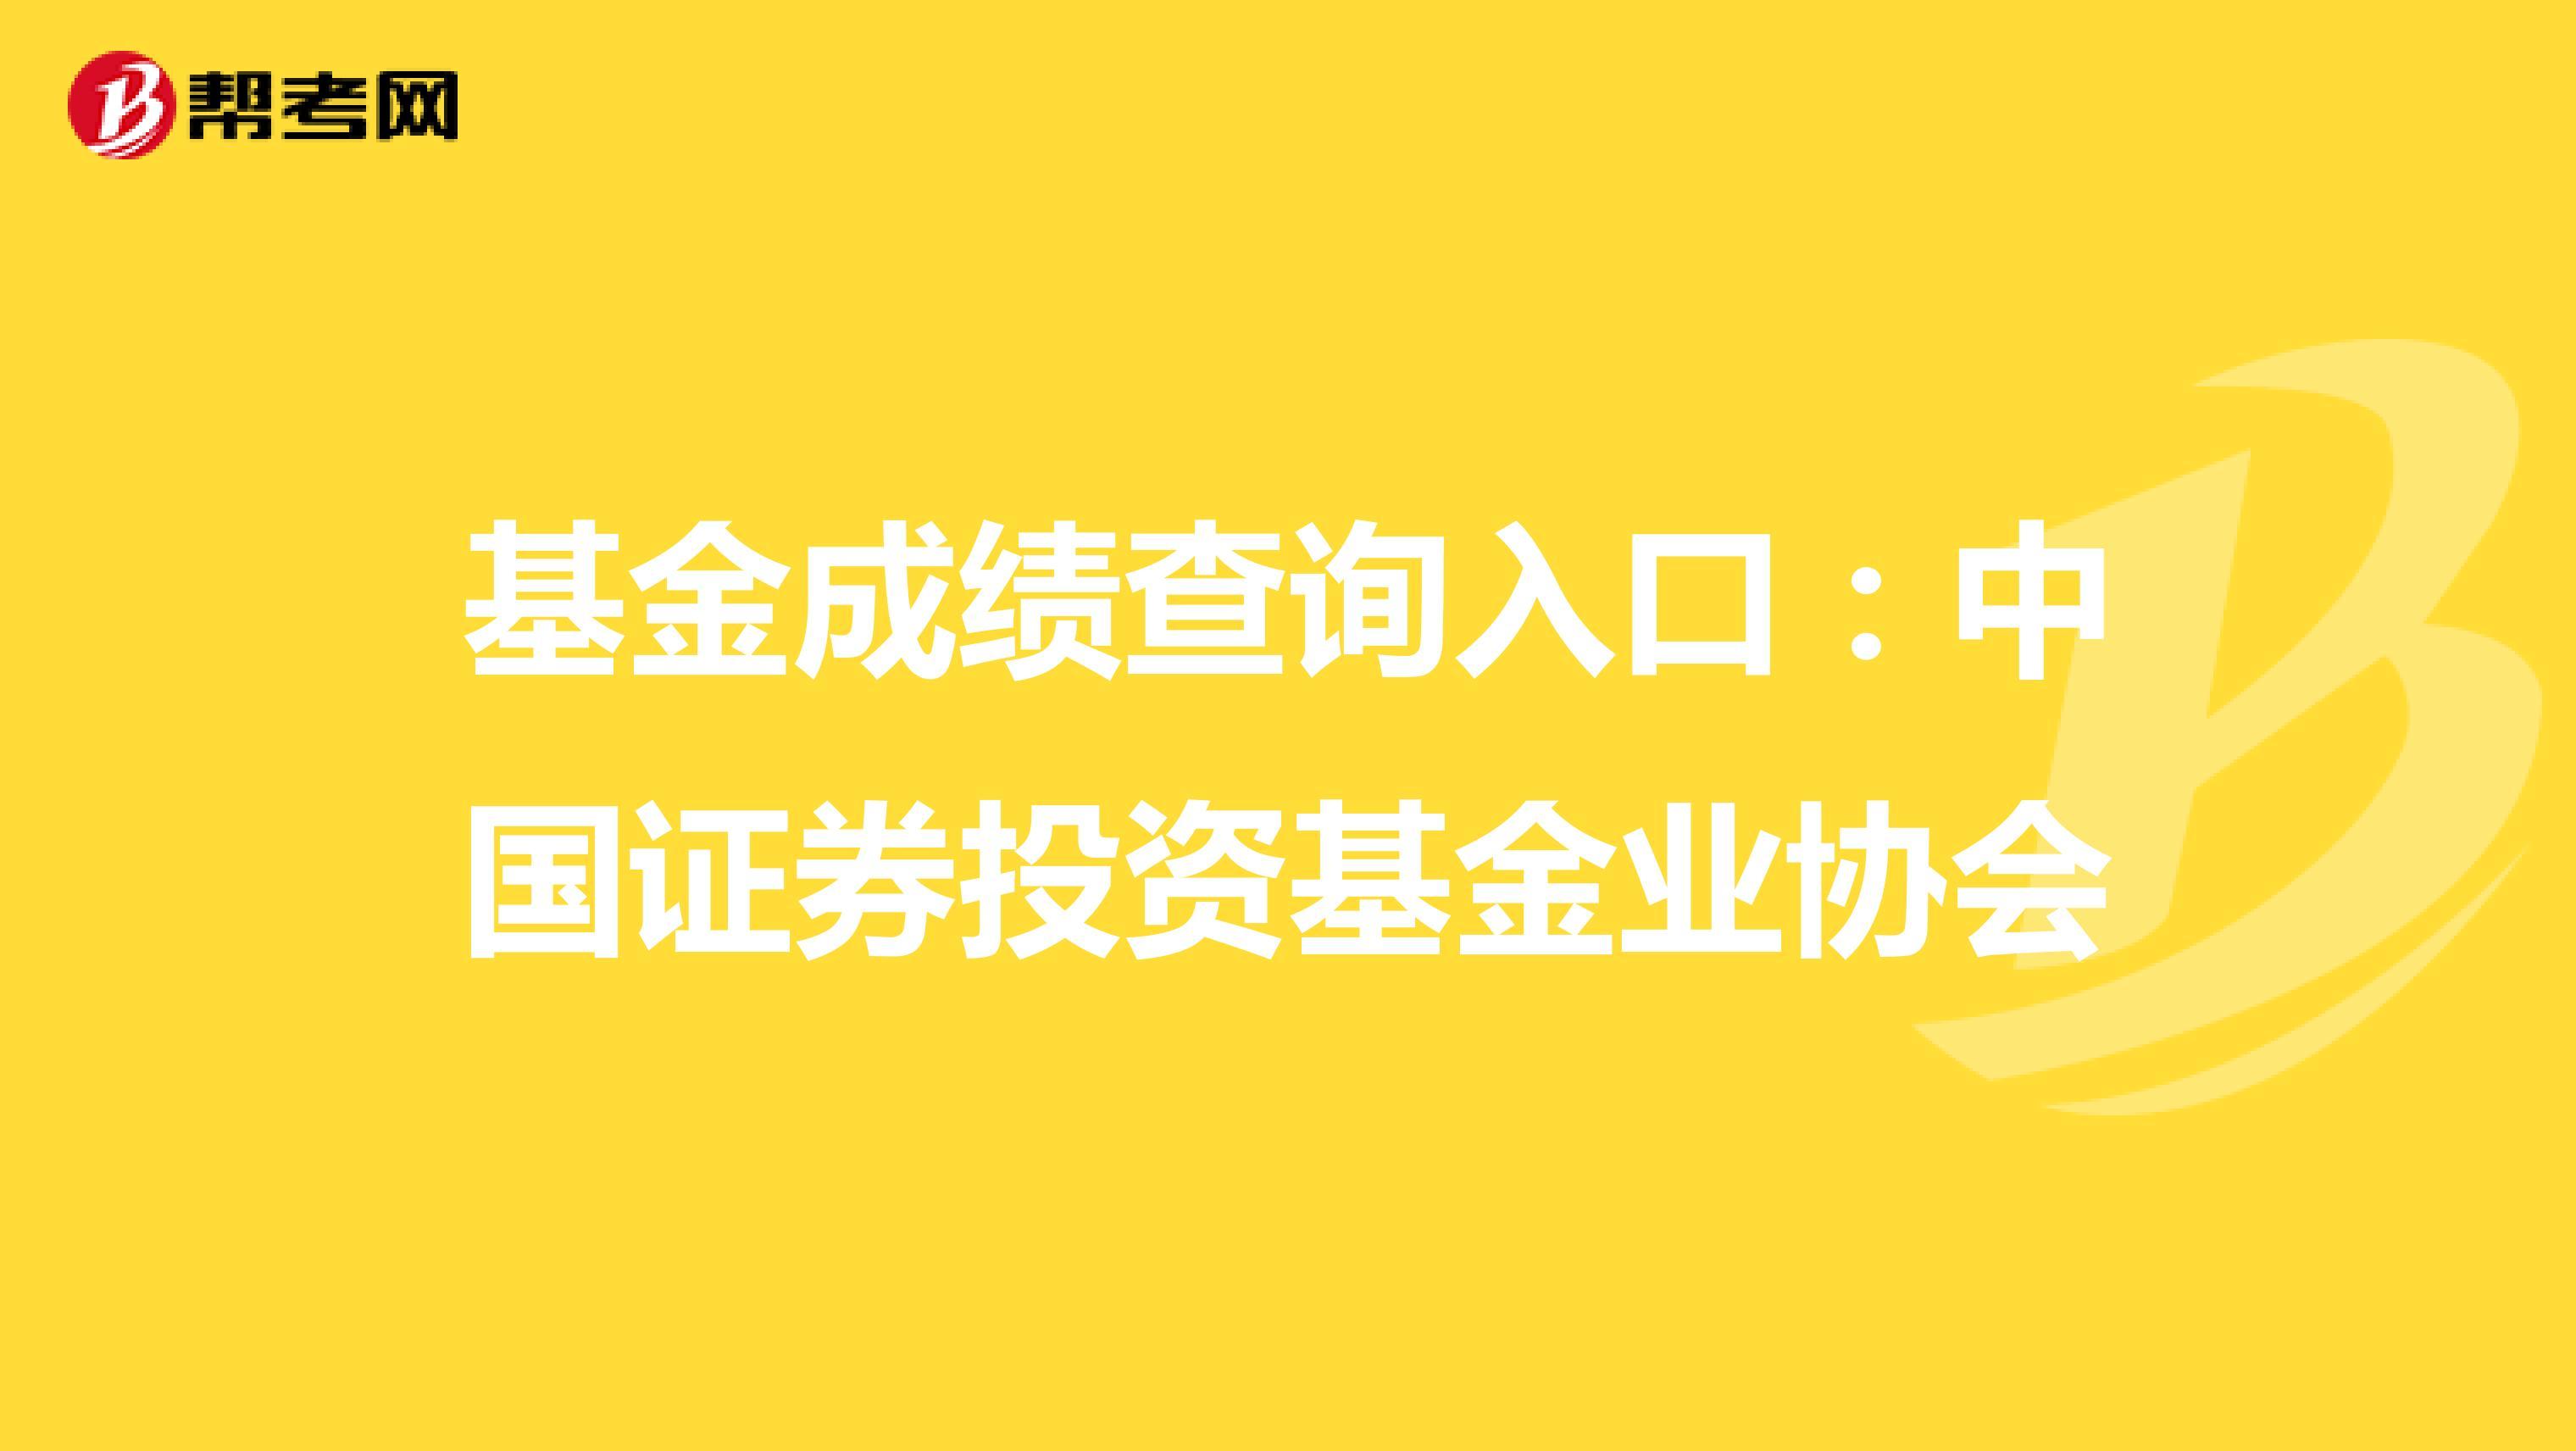 基金成績查詢入口:中國證券投資基金業協會